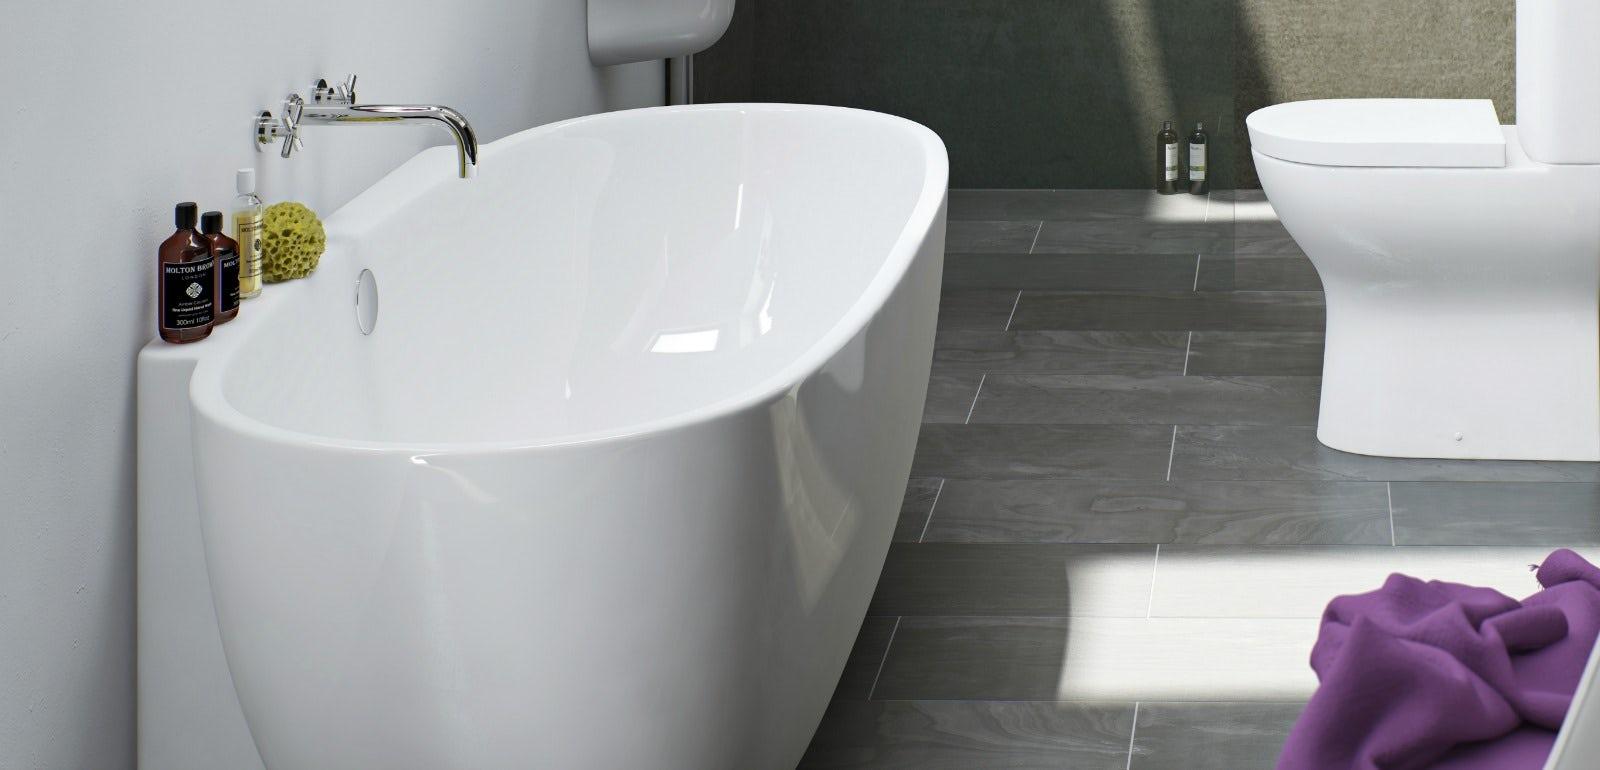 Create your bachelor pad bathroom for Bachelor bathroom ideas